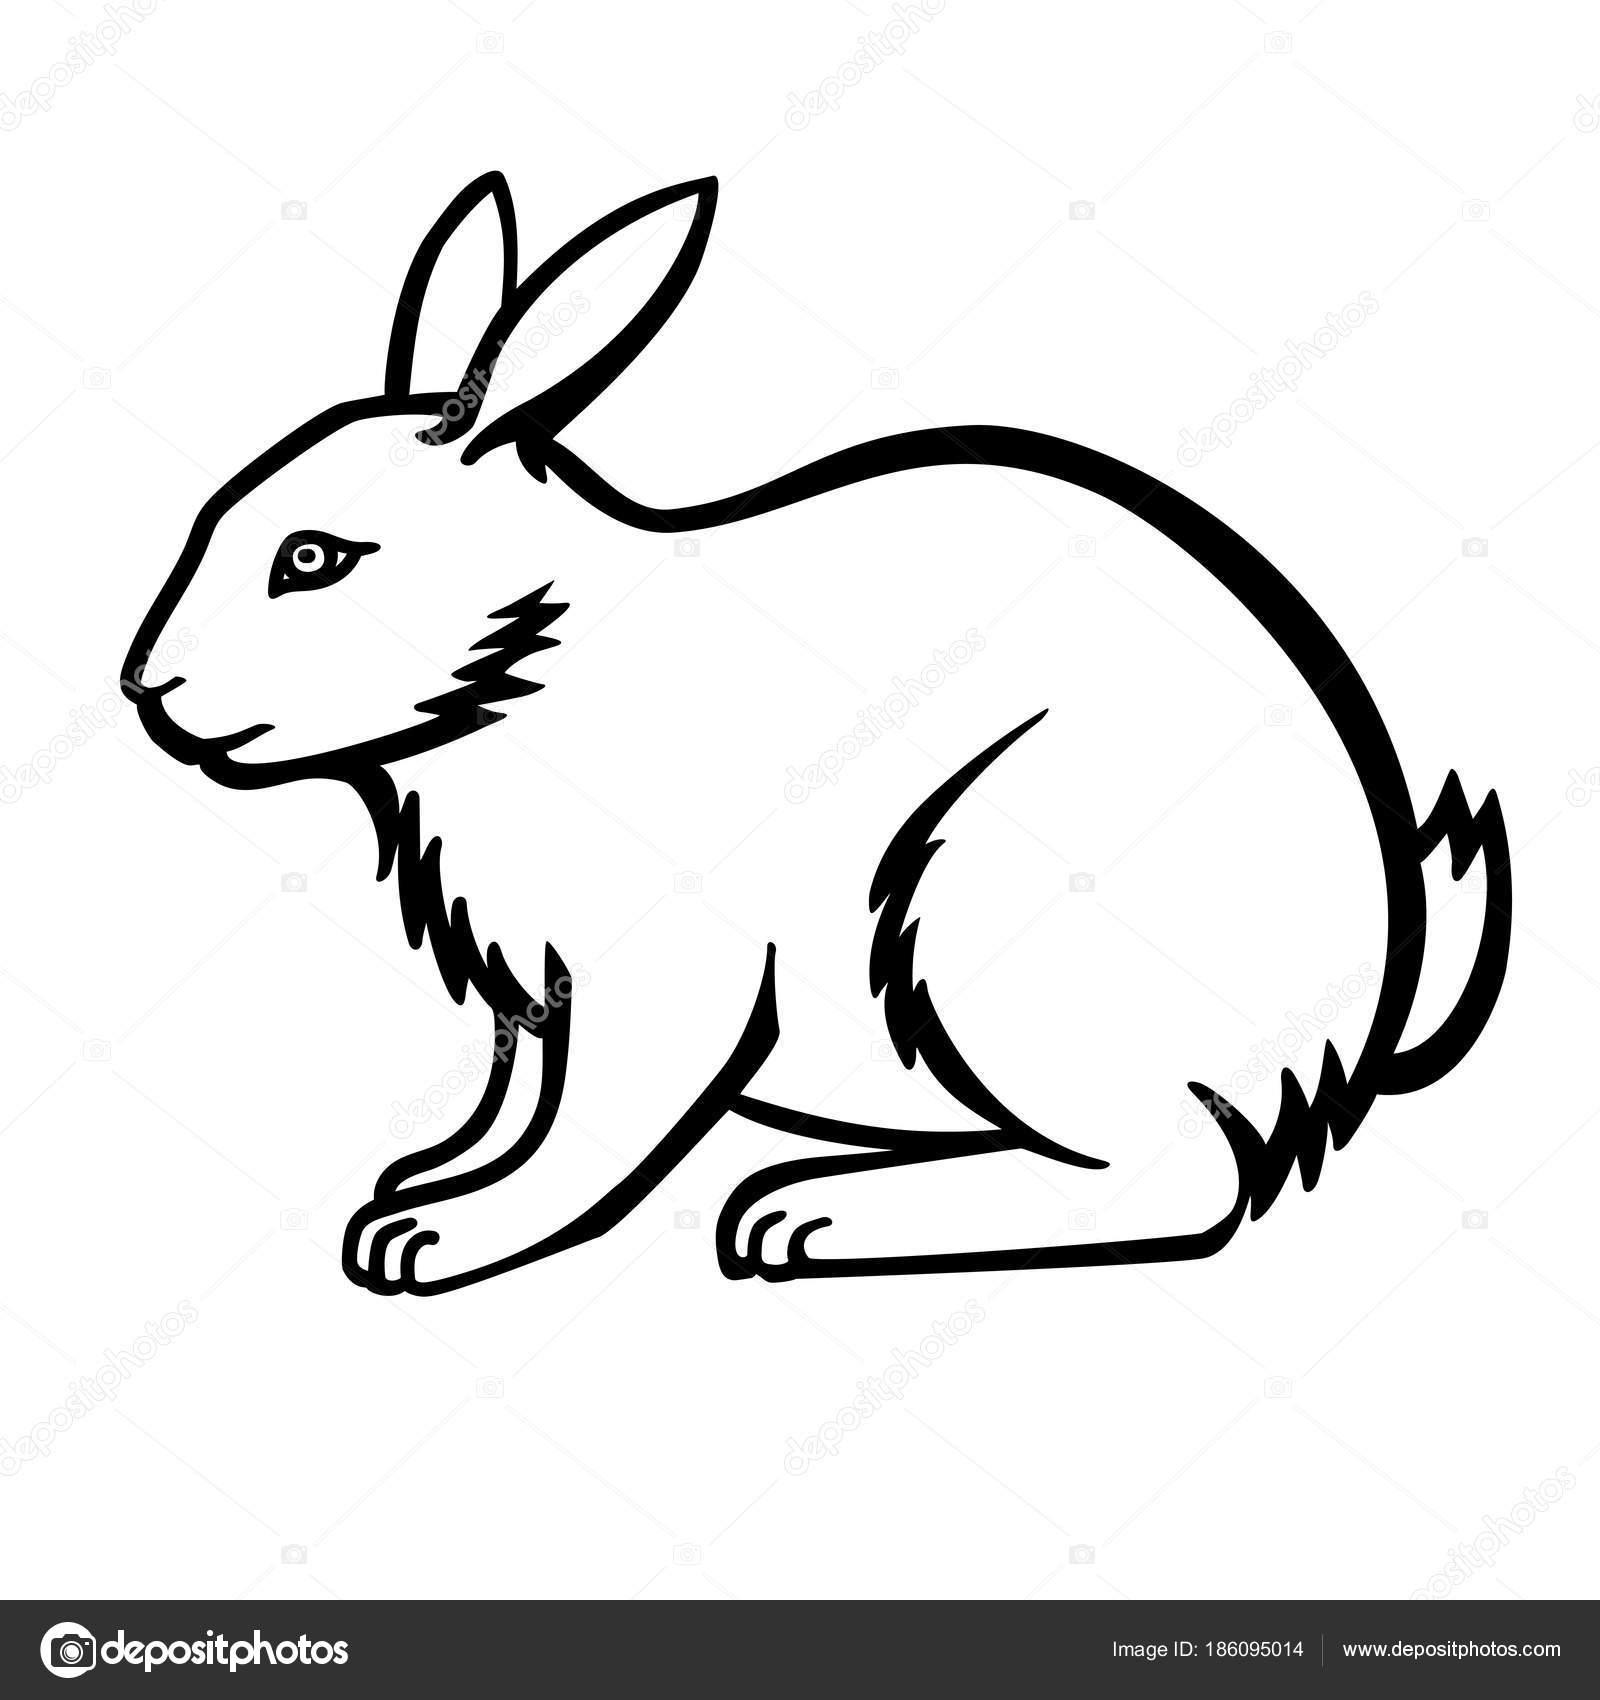 Conejo Dibujo Lineal Conejito Plantilla Para Colorear — Vector de ...